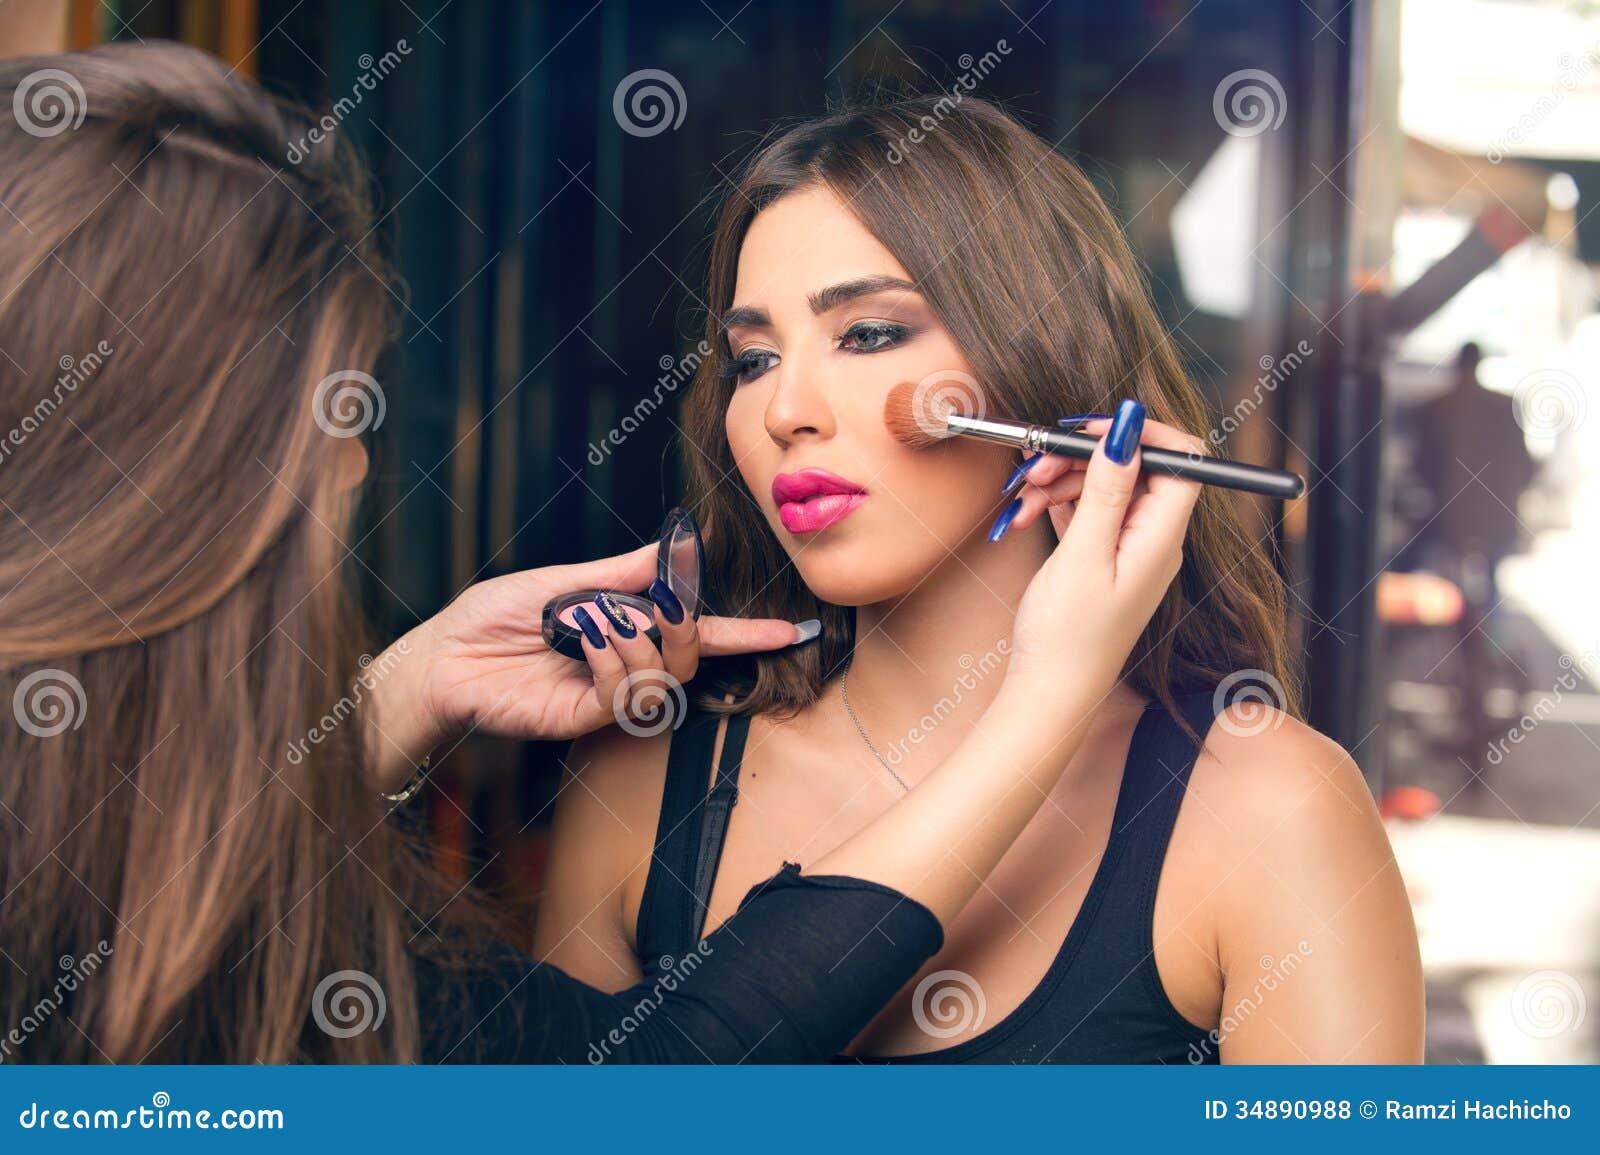 Makeup Artist hardest business majors